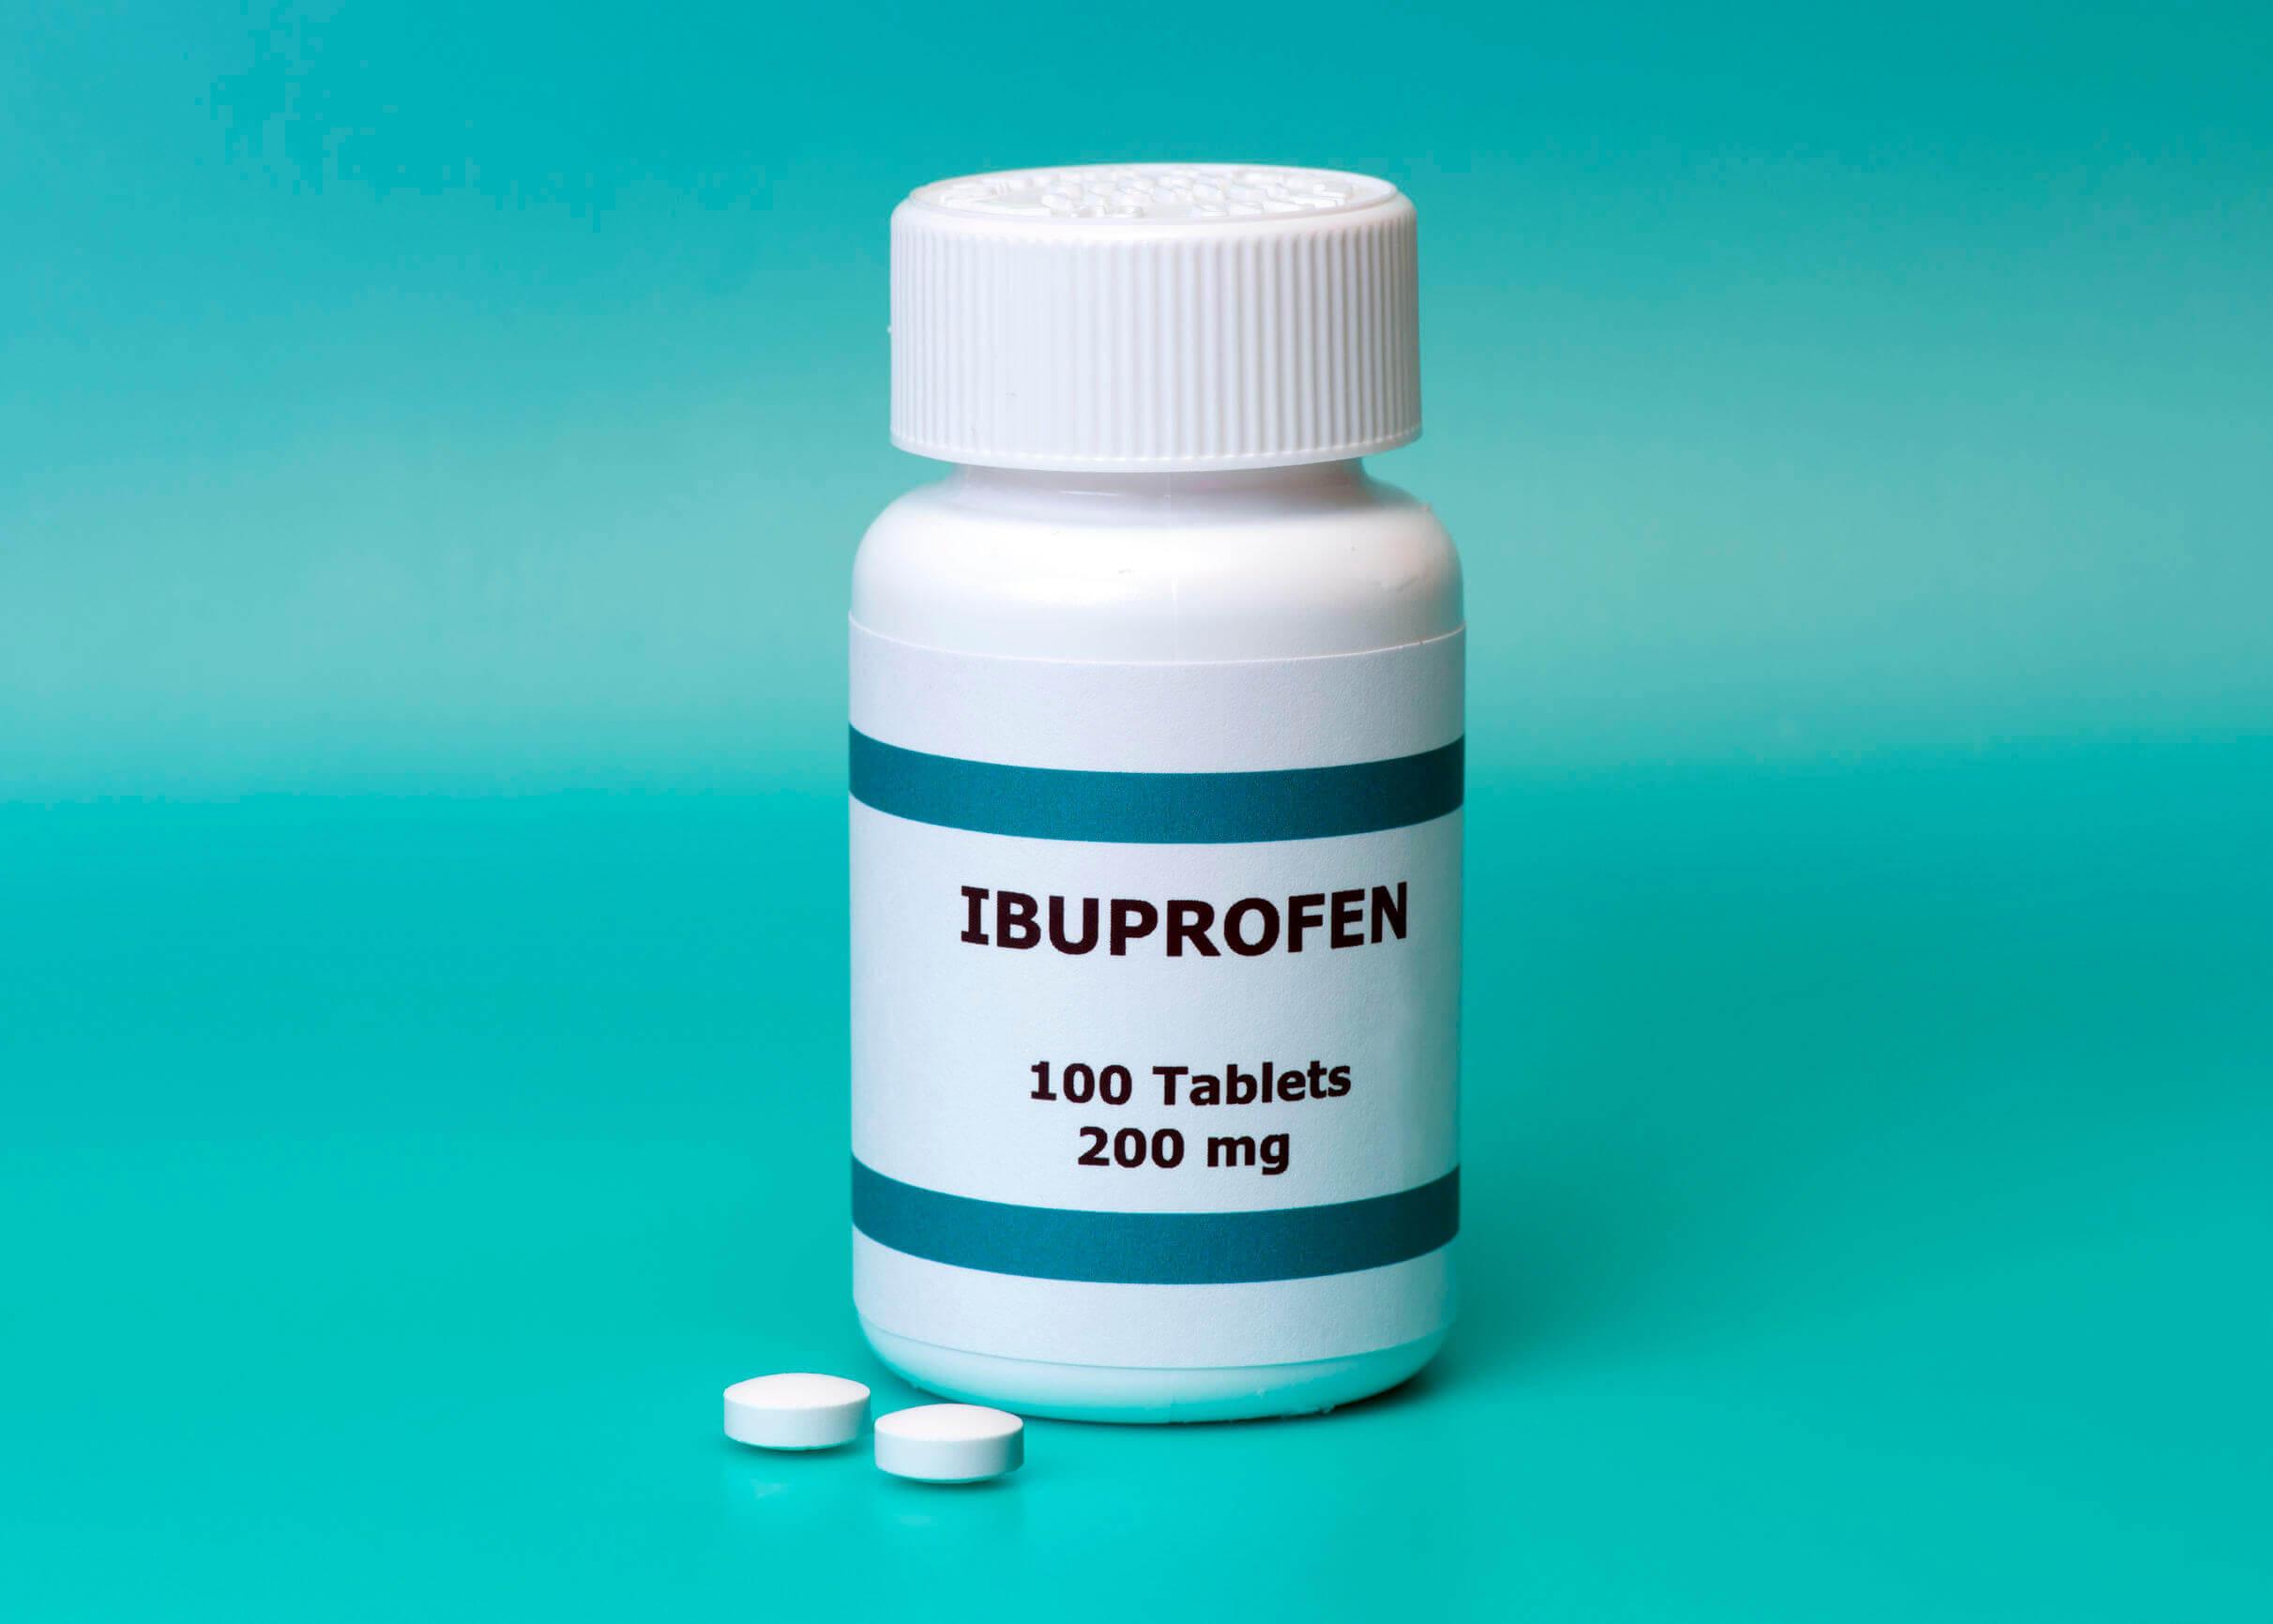 An ibuprofen bottle.